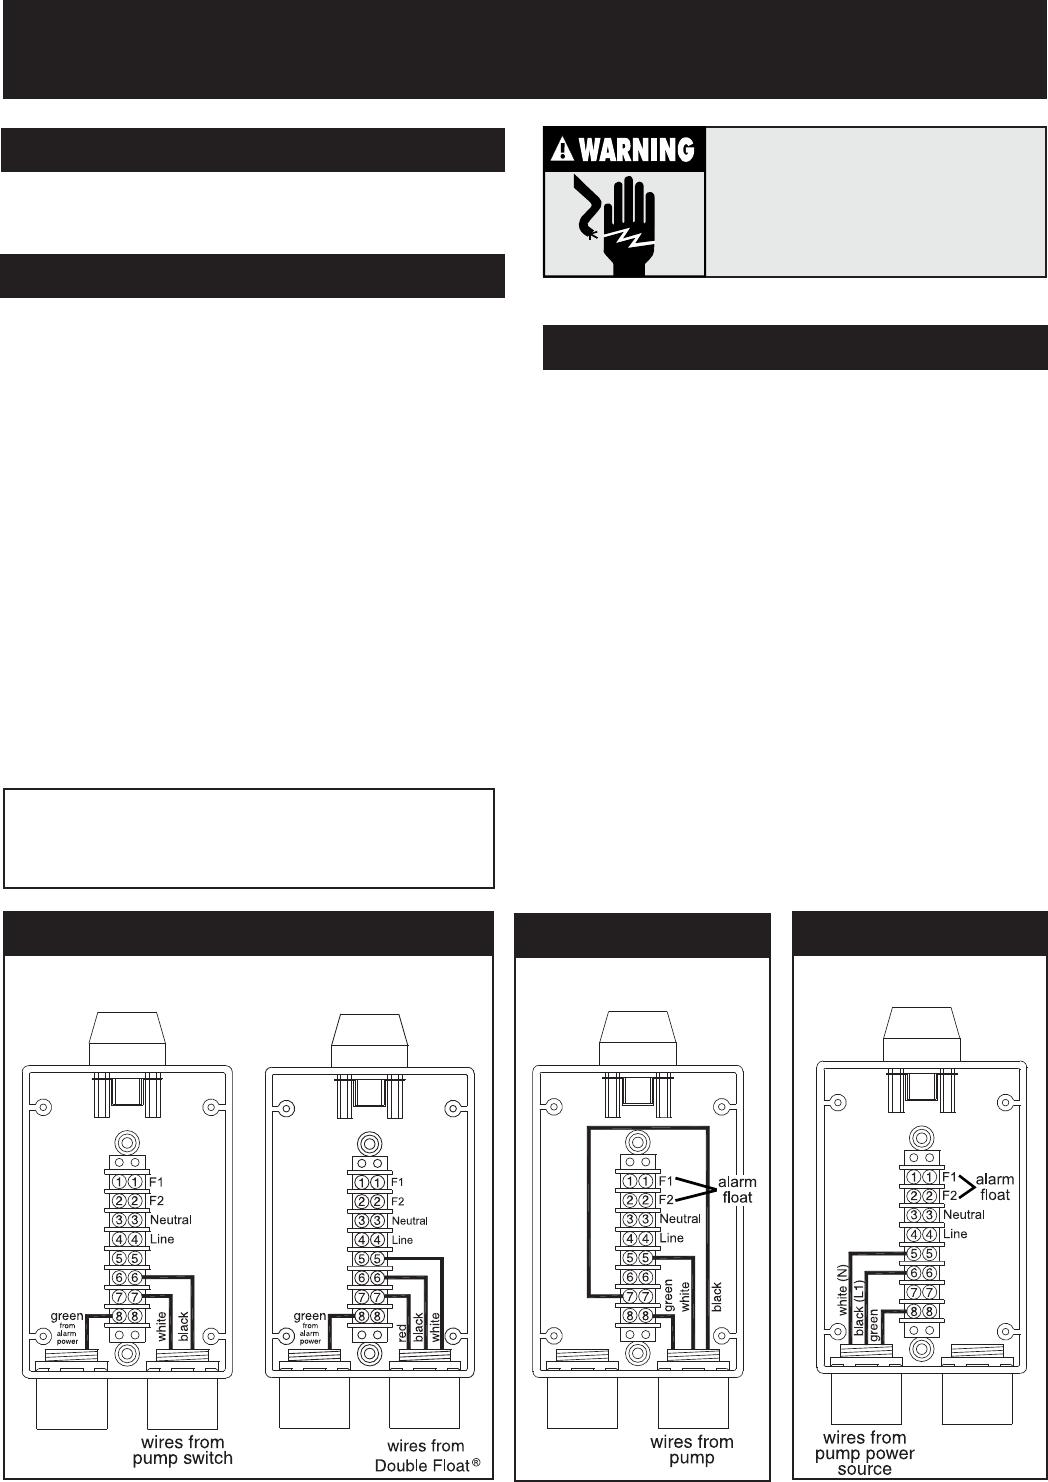 hight resolution of 1011020g tb wiring instr pmd 550334 4 sje rhombus tank alert xt sje rhombus tank alert ab wiring diagram tank alert wiring diagram